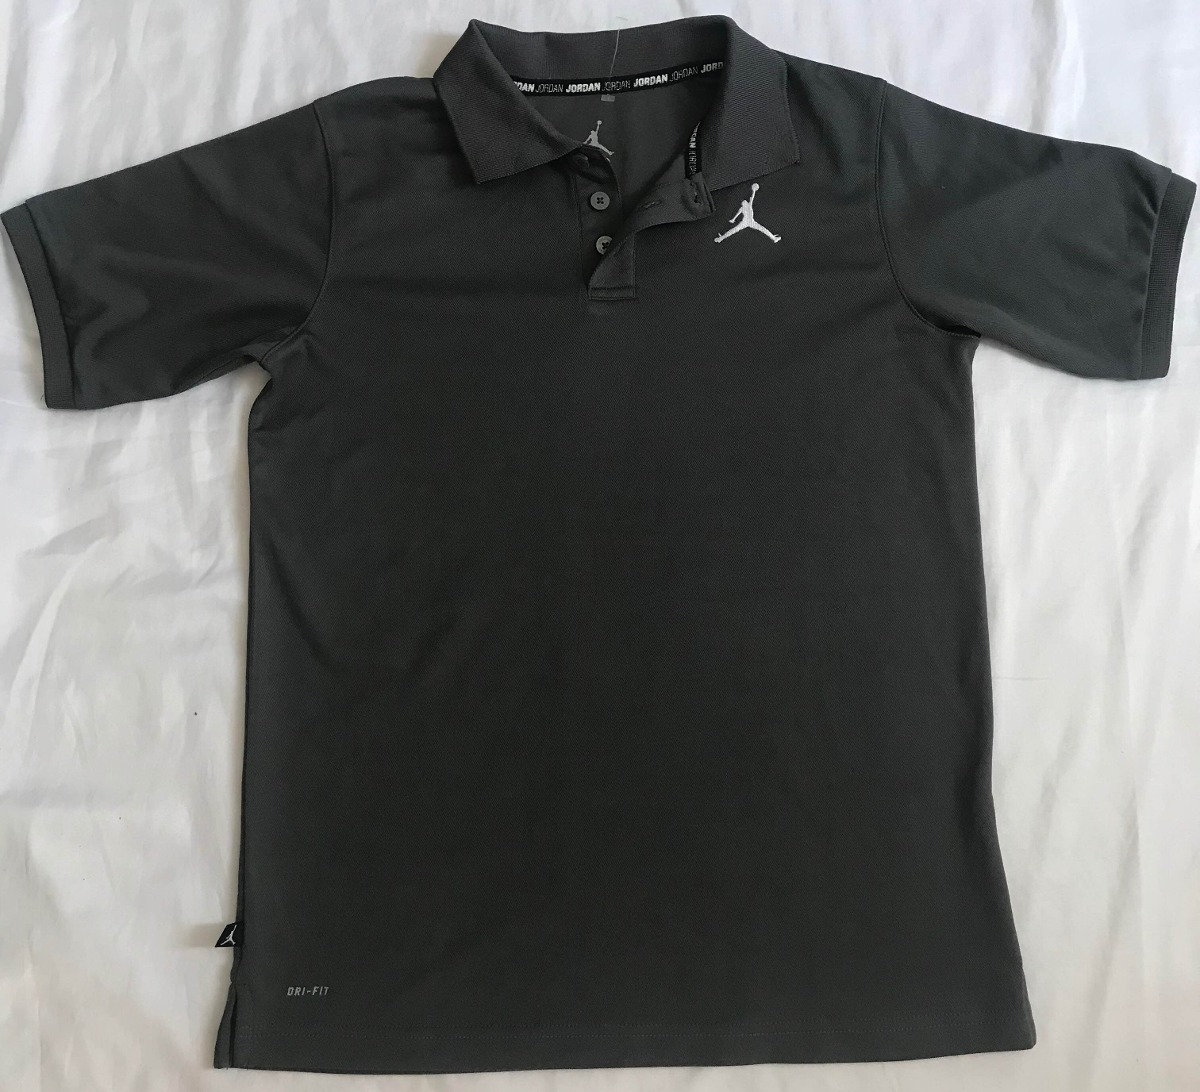 Playera Nike Tipo Polo Marca Jordan -   650.00 en Mercado Libre 8bcb192a9b0f7